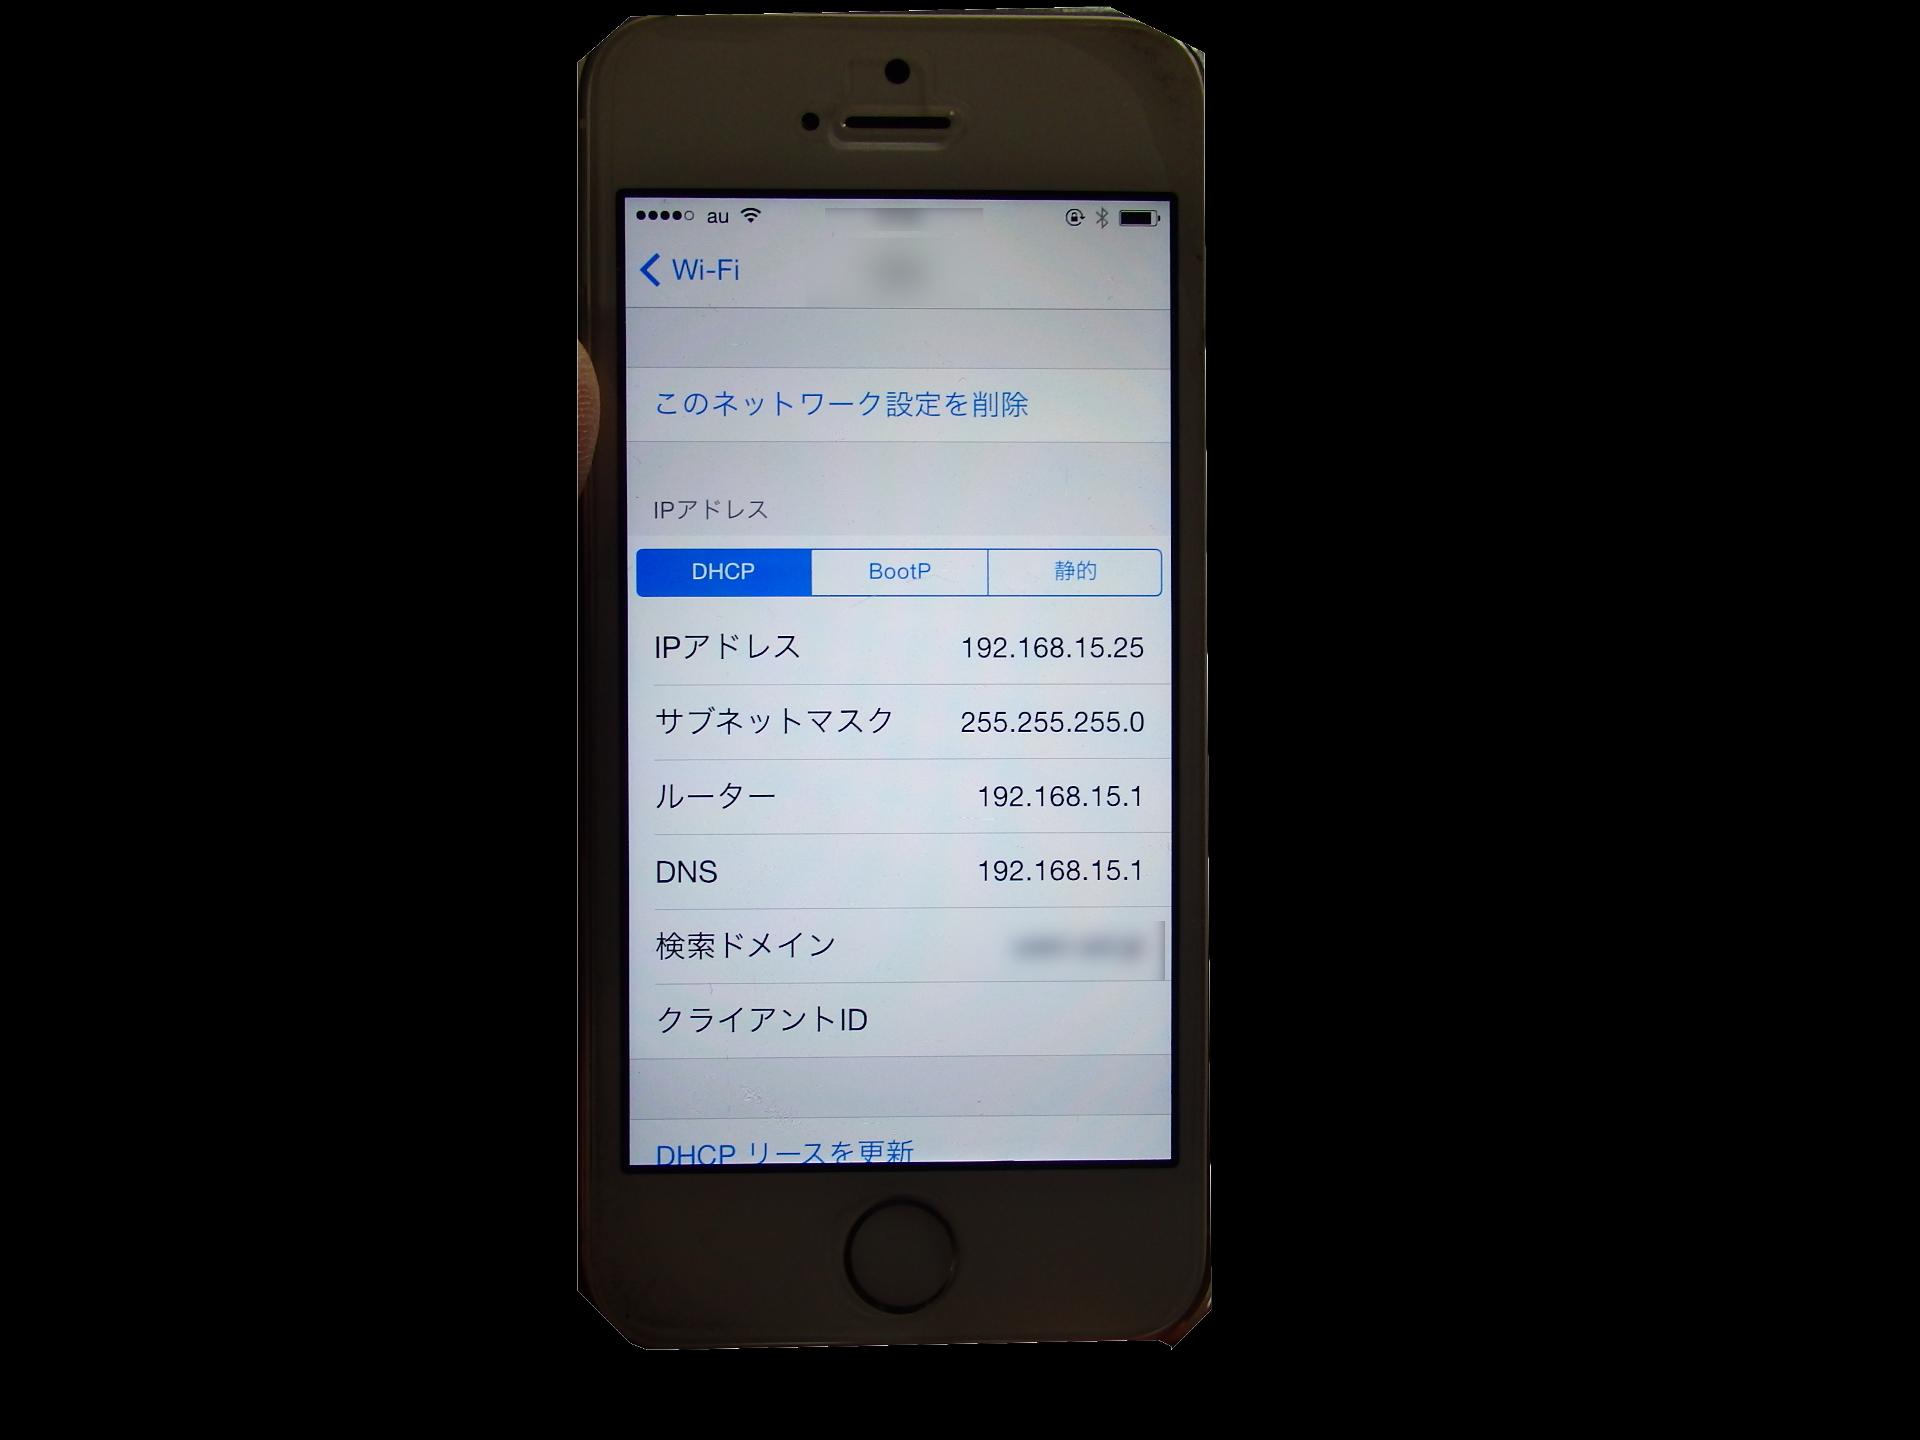 正常接続時のiPhone5の画面。